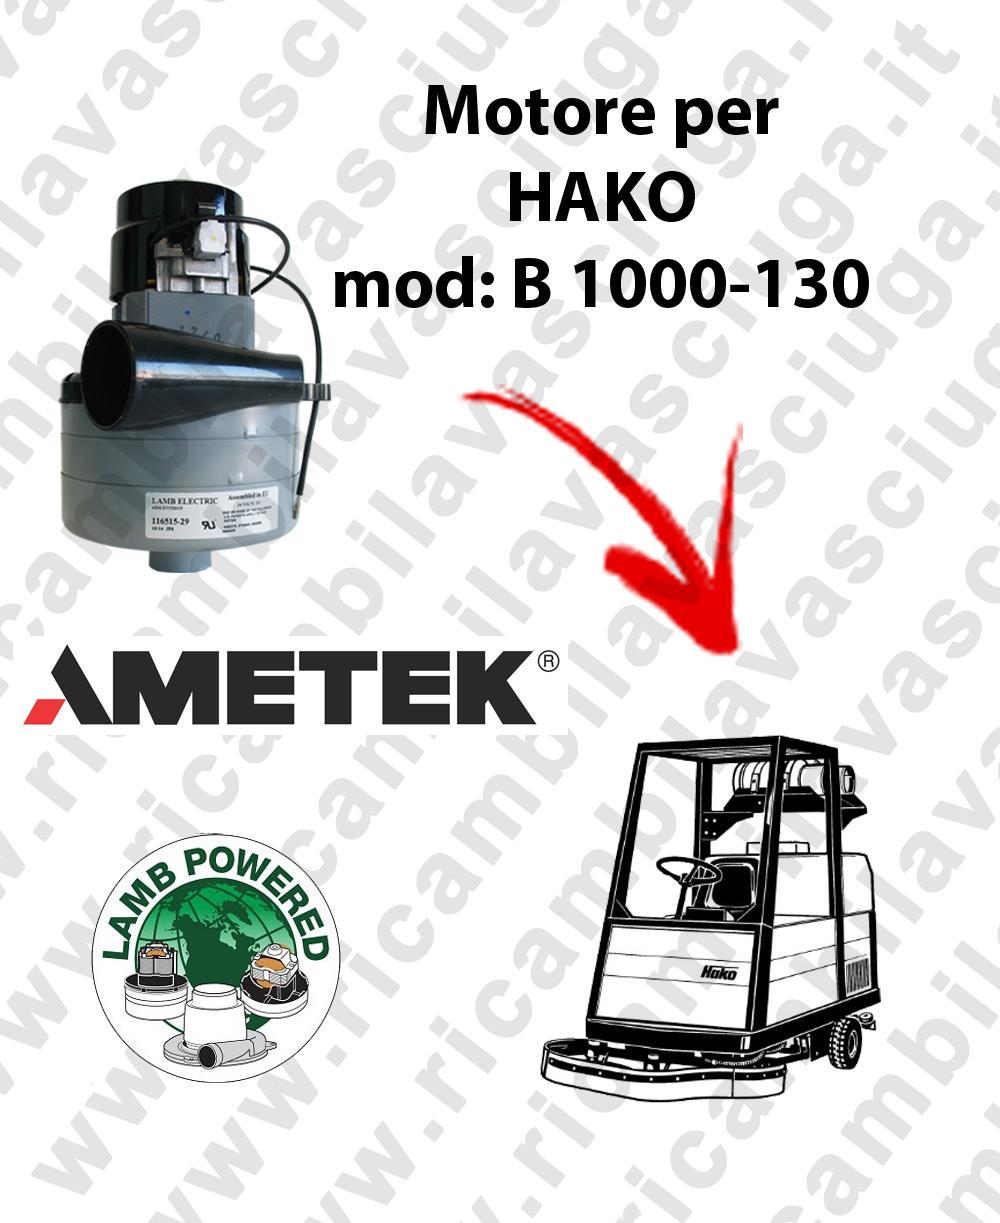 B 1000-130 Saugmotor LAMB AMETEK für Scheuersaugmaschinen HAKO